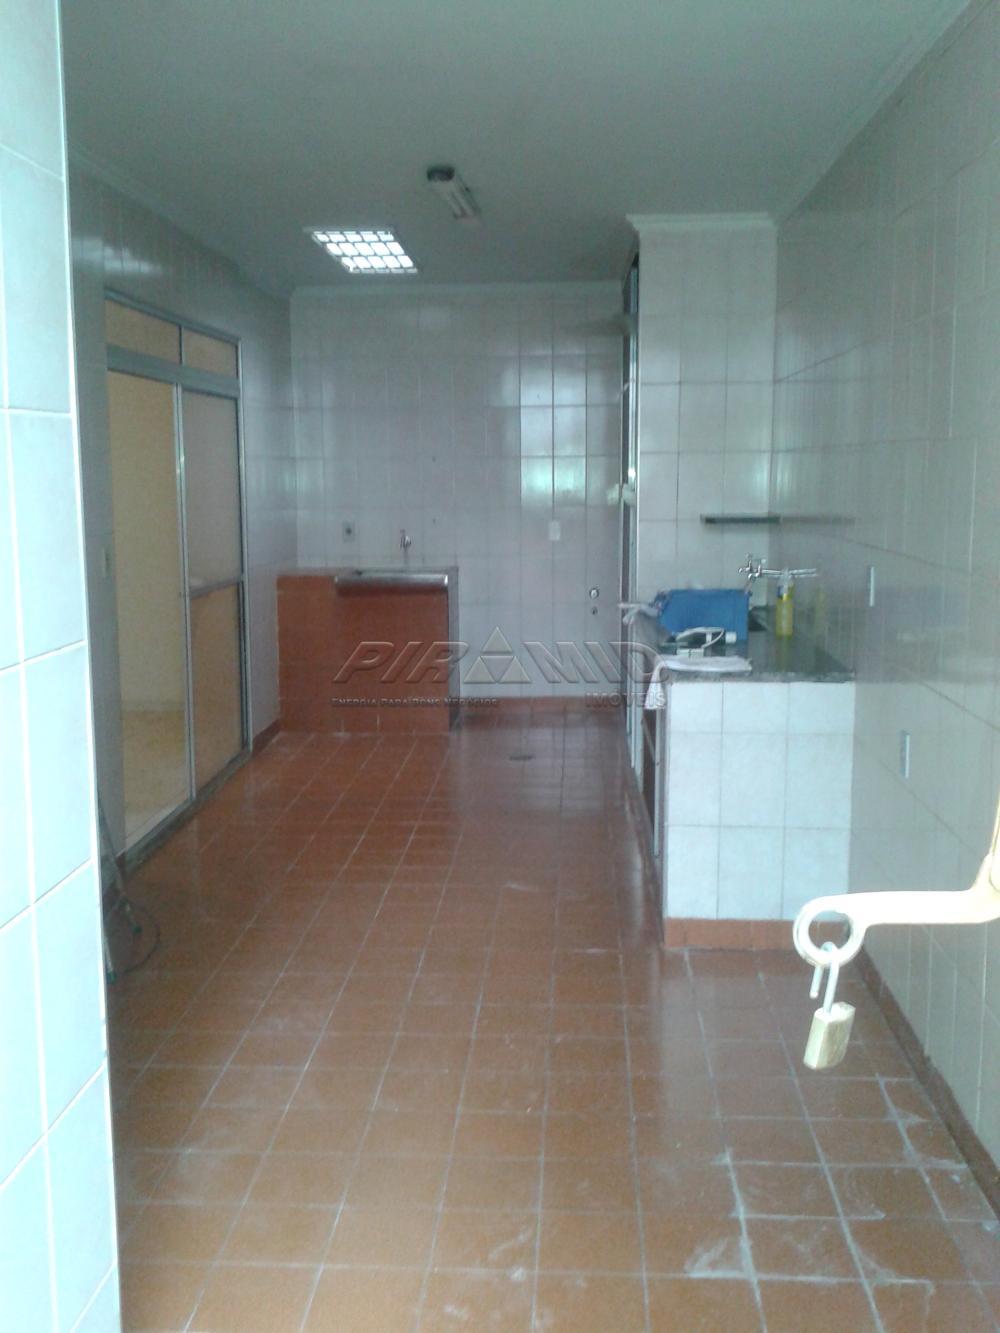 Alugar Casa / Padrão em Ribeirão Preto apenas R$ 950,00 - Foto 15